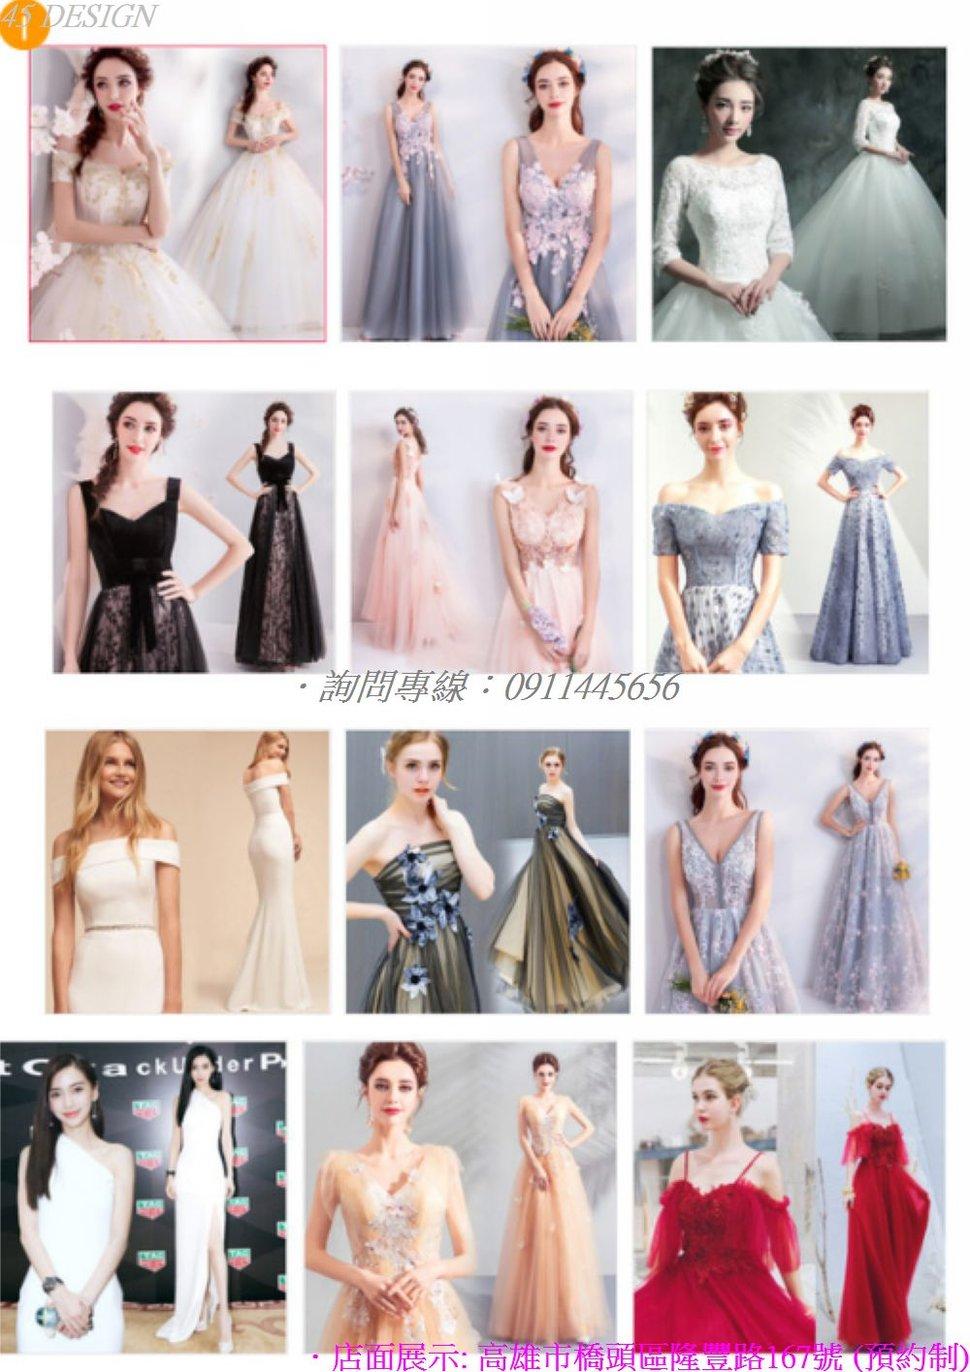 msl190815B260F3A082F248C09B97E970F9E84220 - 全台最便宜-45DESIGN四五婚紗禮服《結婚吧》